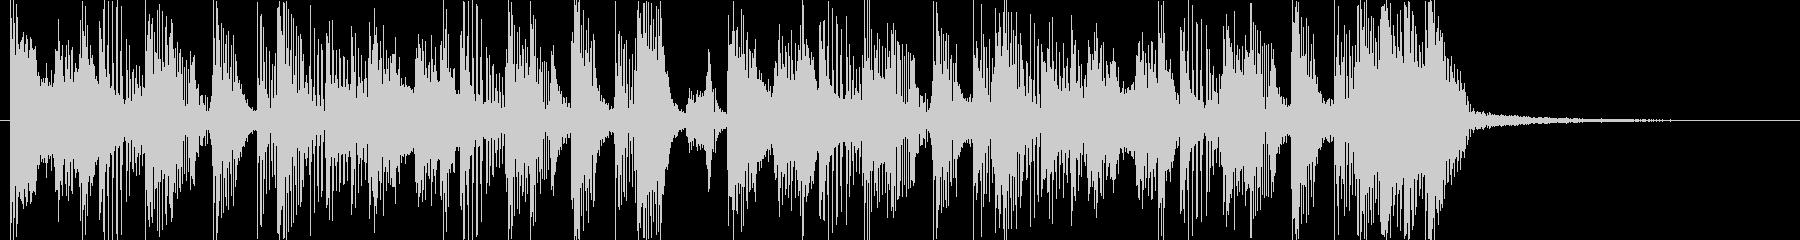 ギターカッティングのファンキーなジングルの未再生の波形